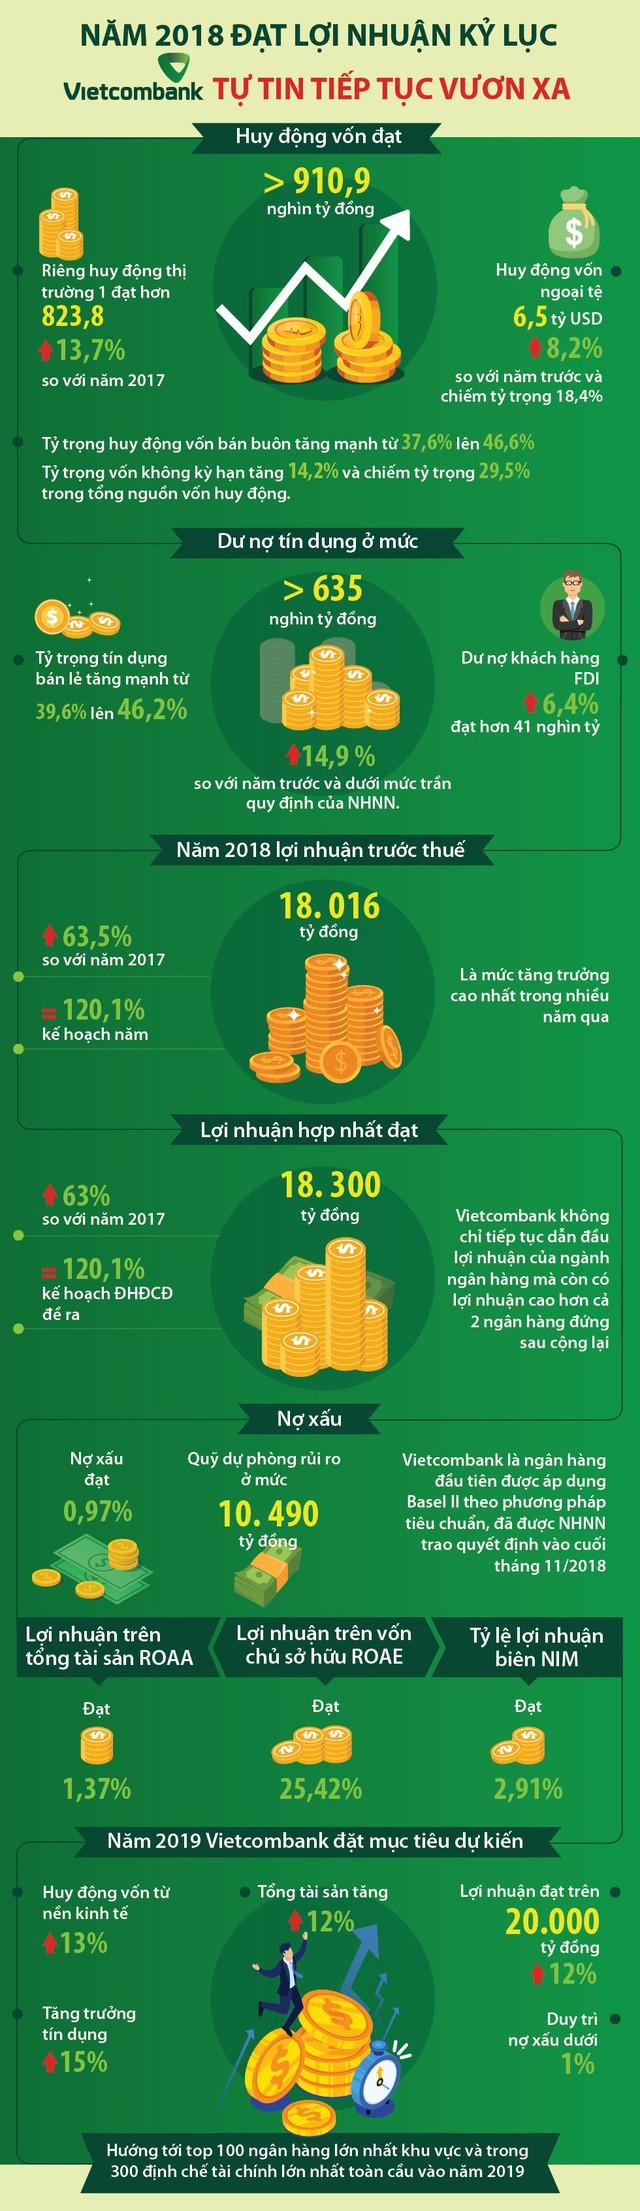 Năm 2018 đạt lợi nhuận kỷ lục, Vietcombank tự tin tiếp tục vươn xa - Ảnh 1.